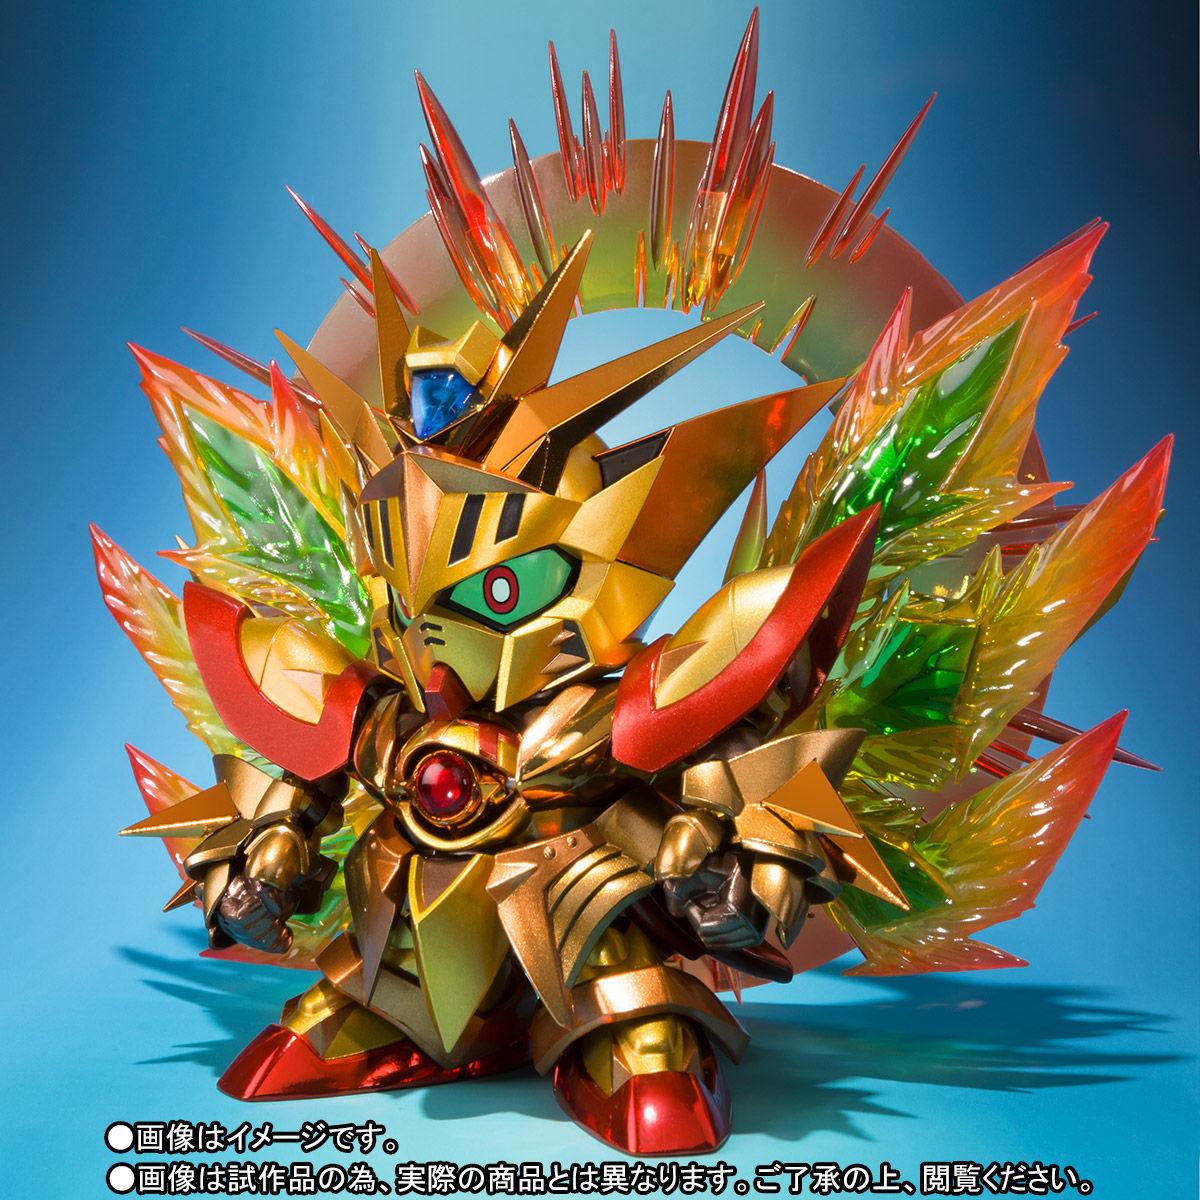 SDX『太陽騎士ゴッドガンダム 明鏡止水ゴールドバージョン』新SDガンダム外伝 可動フィギュア-009